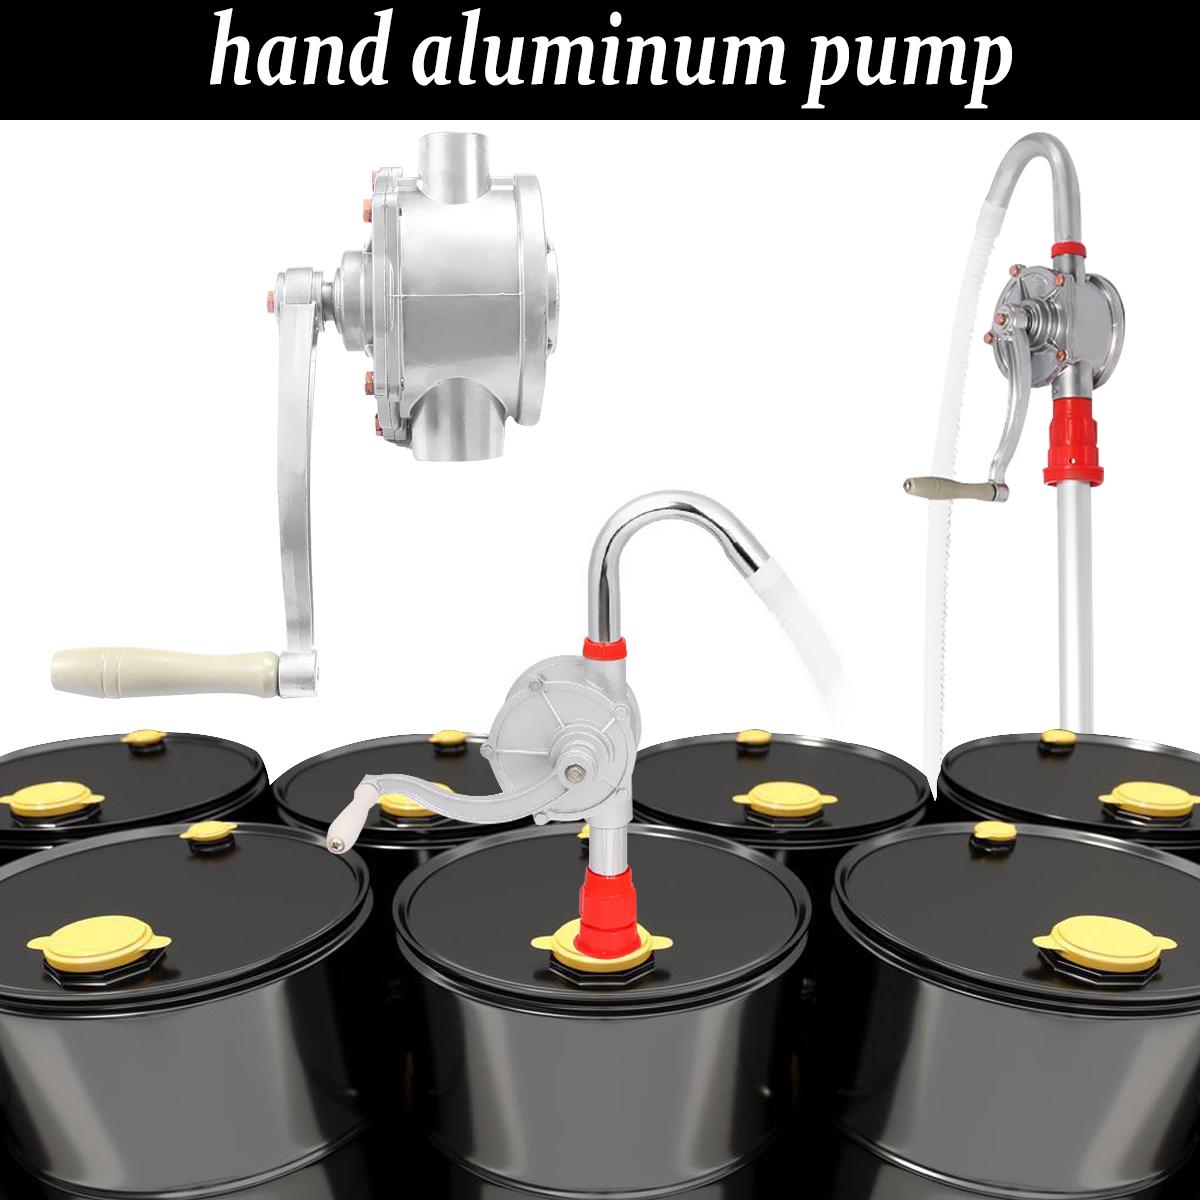 [해외]30L / M 알루미늄 핸드 헬드 디젤 펌프 연료 오일 가솔린 전송 자동 자동차 가스 물 로타리 흡입 펌프 크랭크 배럴 펌핑/30L/M Aluminum Handheld for Diesel Pump Fuel Oil Petrol Transfer Auto Car Ga